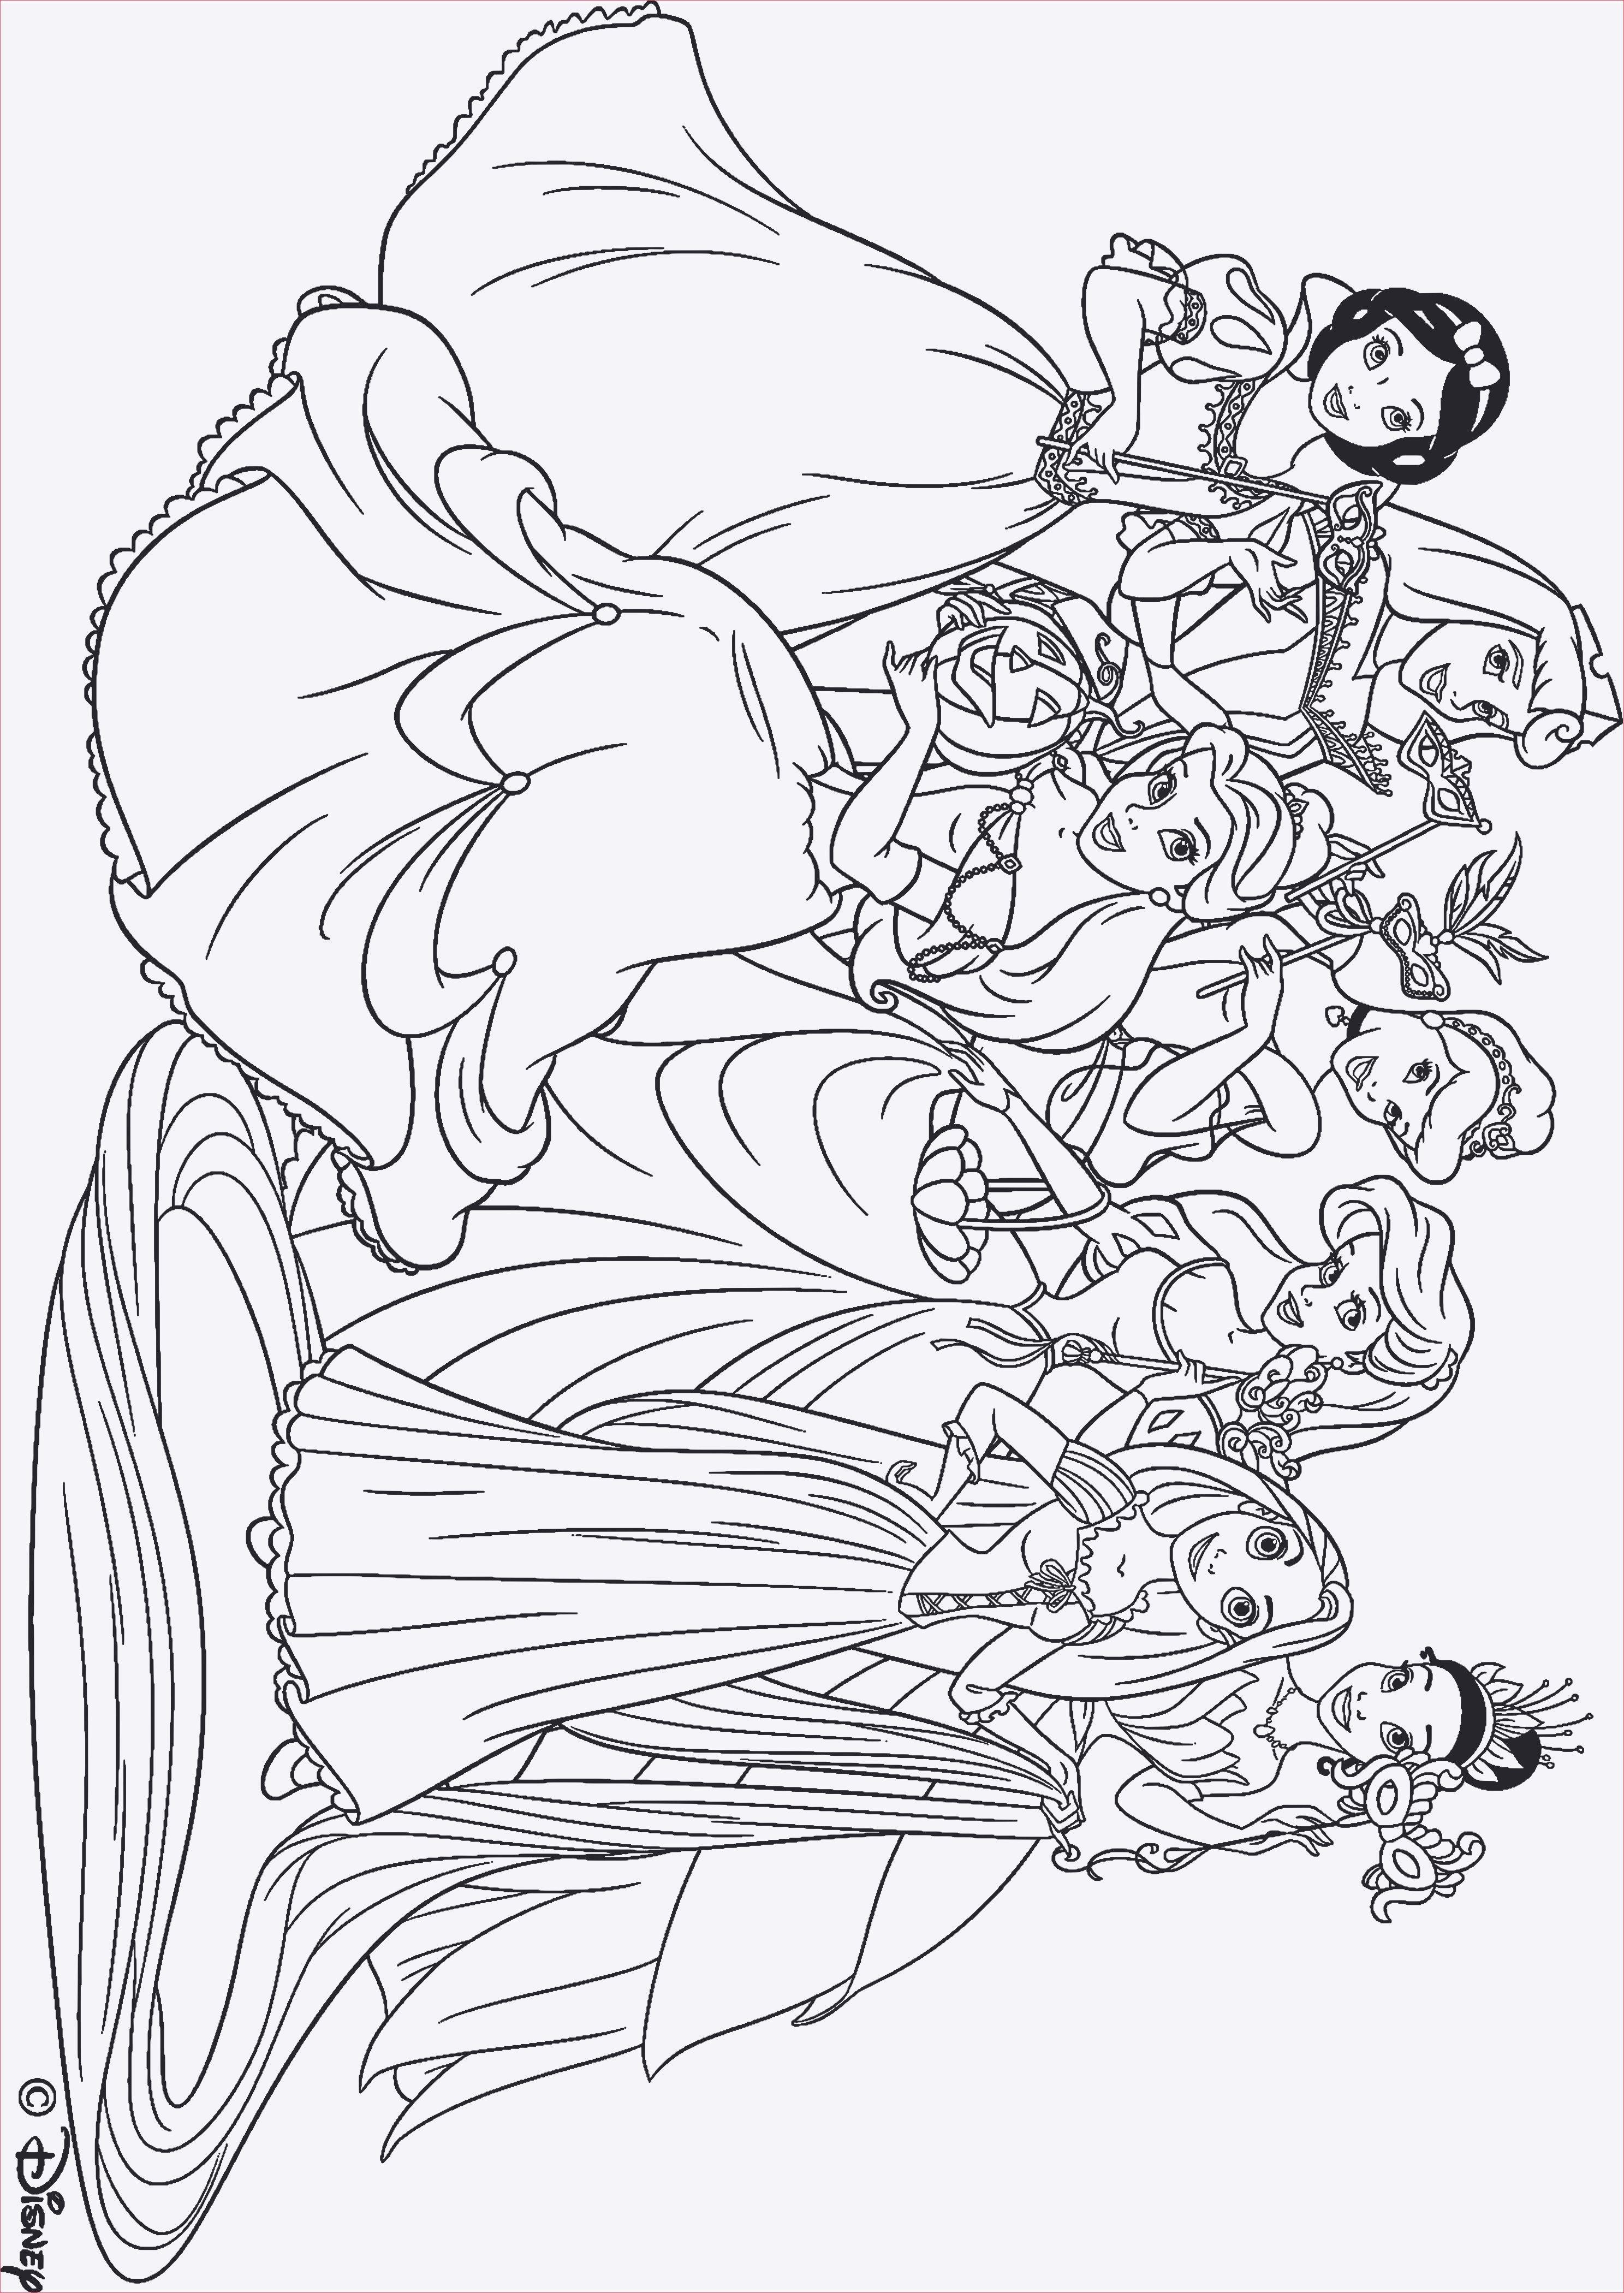 Ausmalbild Prinzessin Einhorn Inspirierend Malvorlagen Gratis Prinzessin Disney Bilder